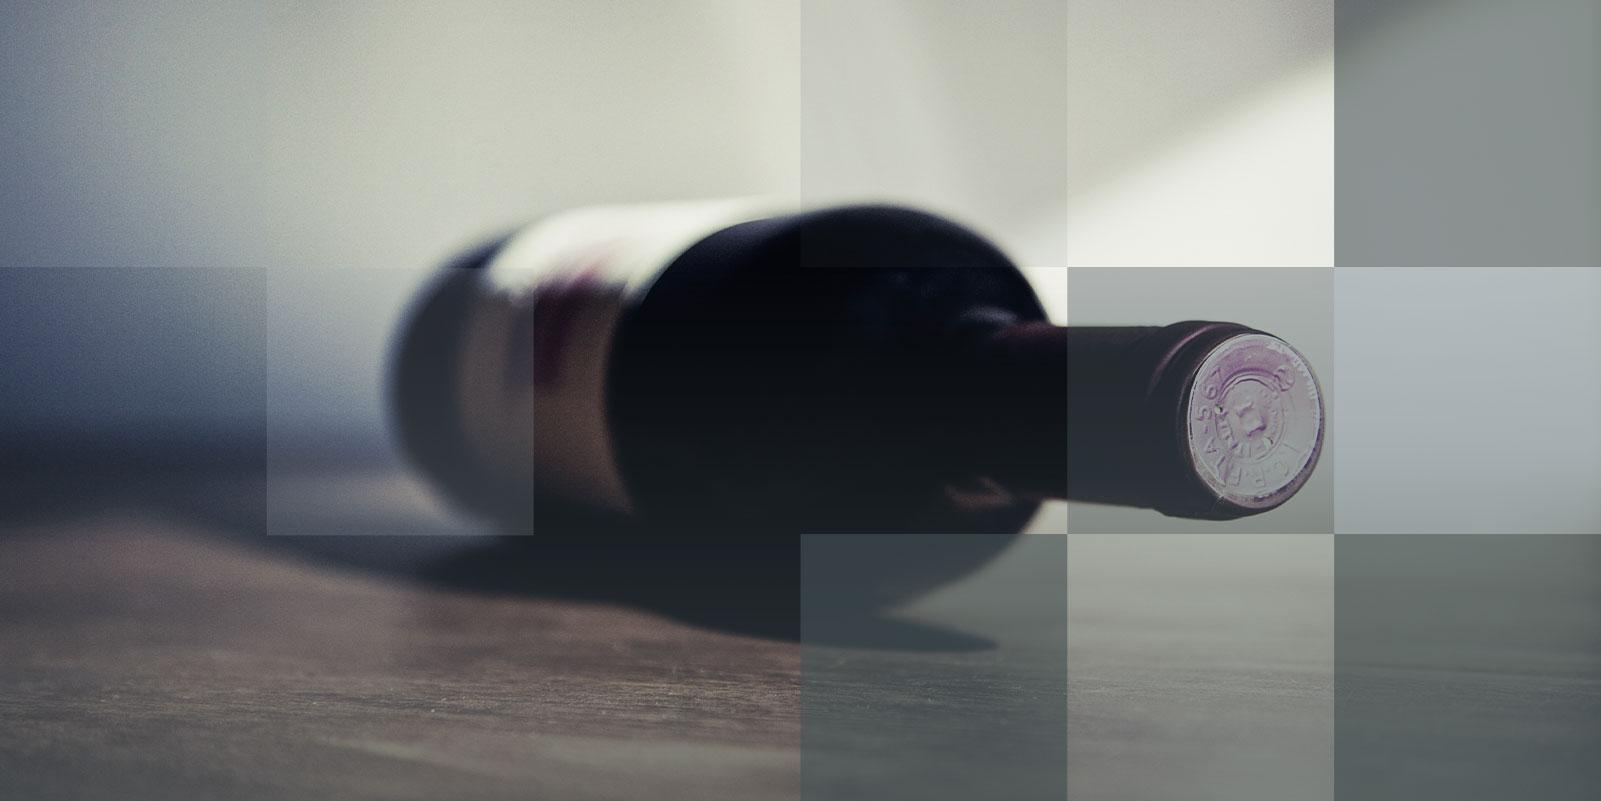 banner-comm-liquor